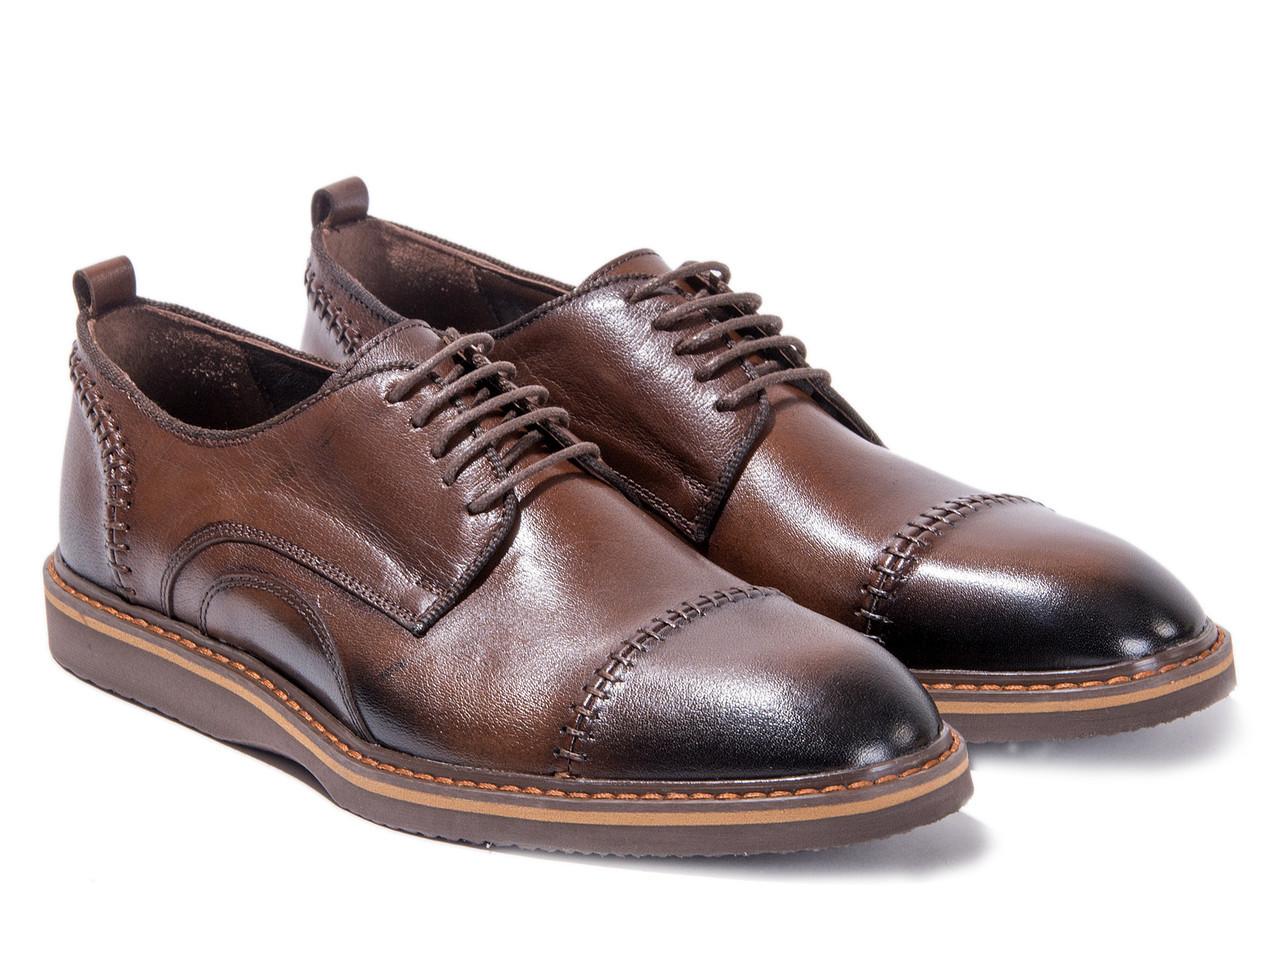 Дербі Etor 12982-171 41 коричневі